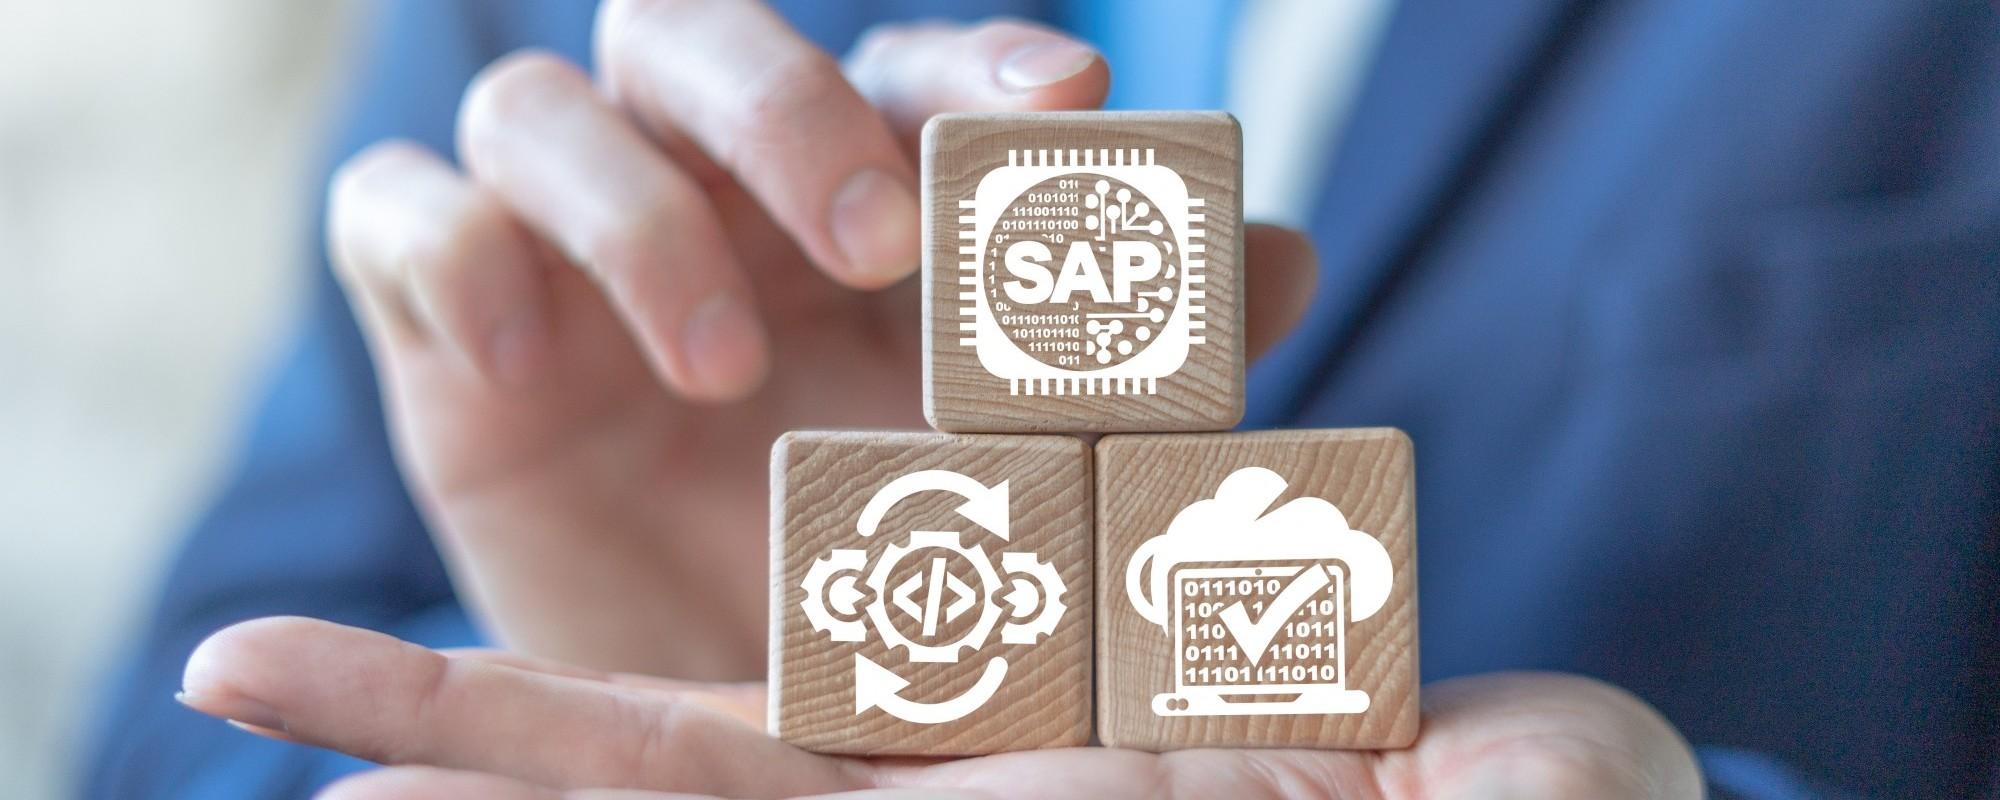 Eine Nahaufnahme von einer Hand auf welcher sich Holzblöcke befinden welche mit SAP Logos bedruckt wurden.